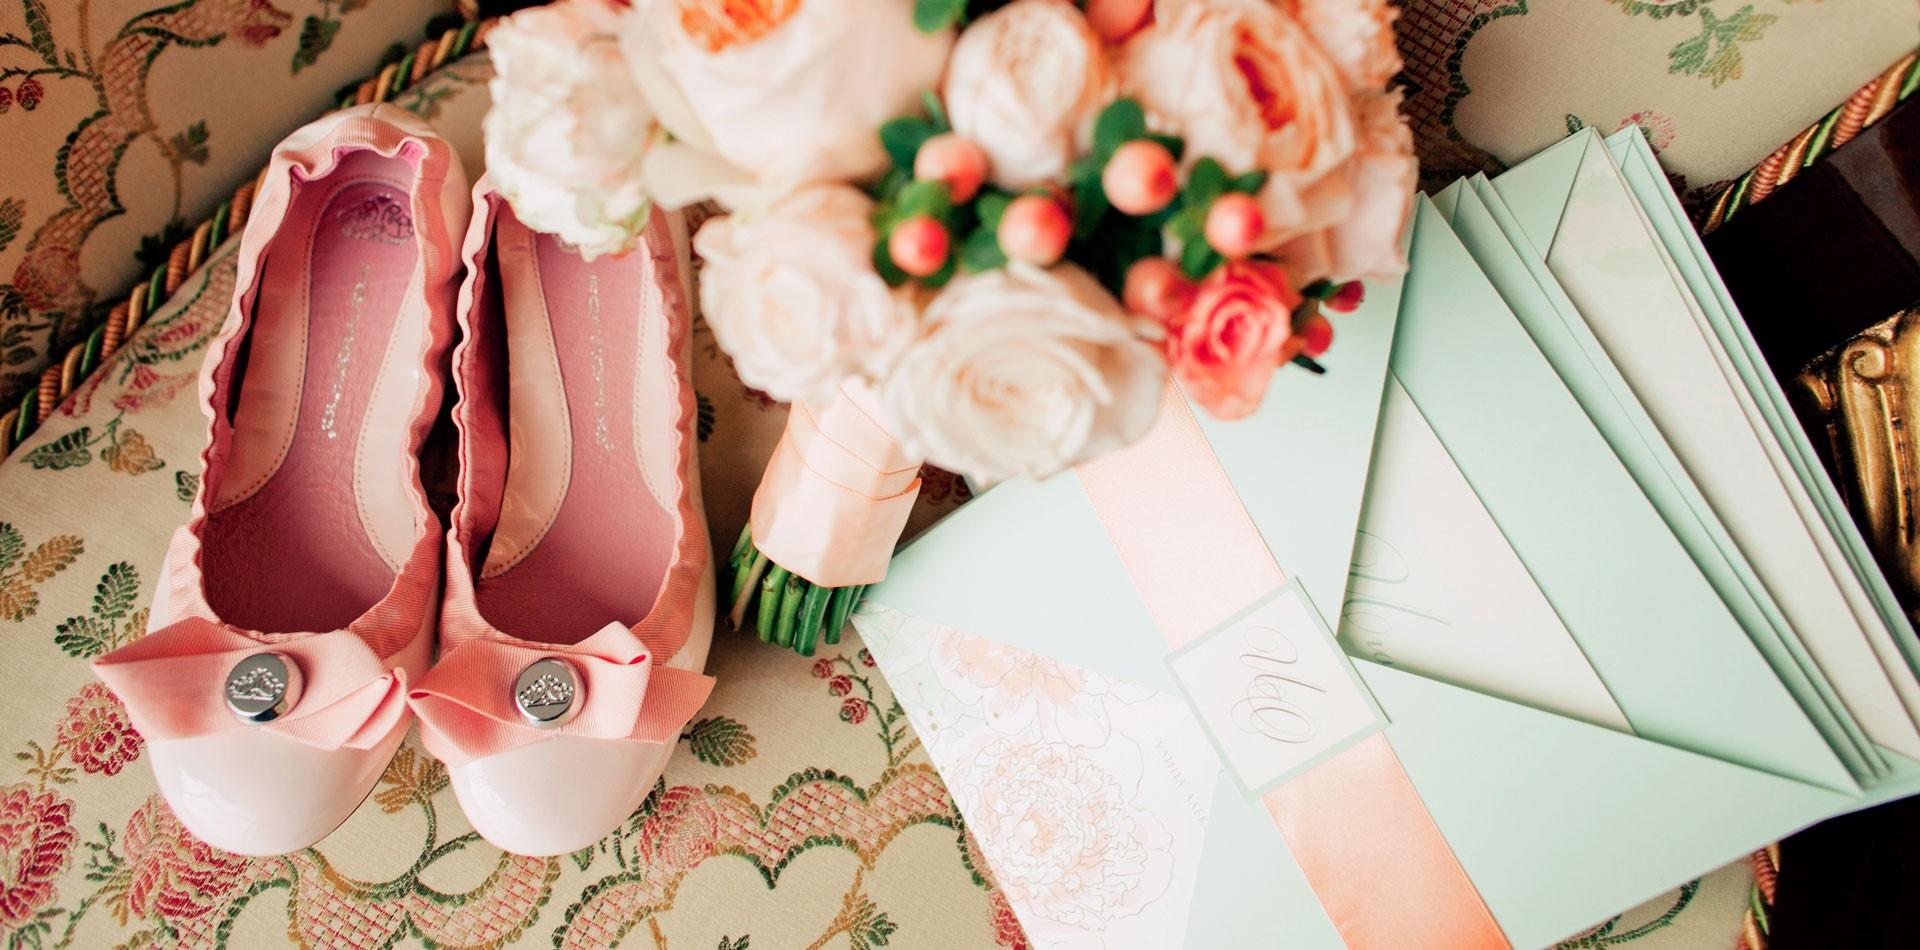 Лилия Горланова: 10 советов невестам от свадебного фотографа и организатора фото 9